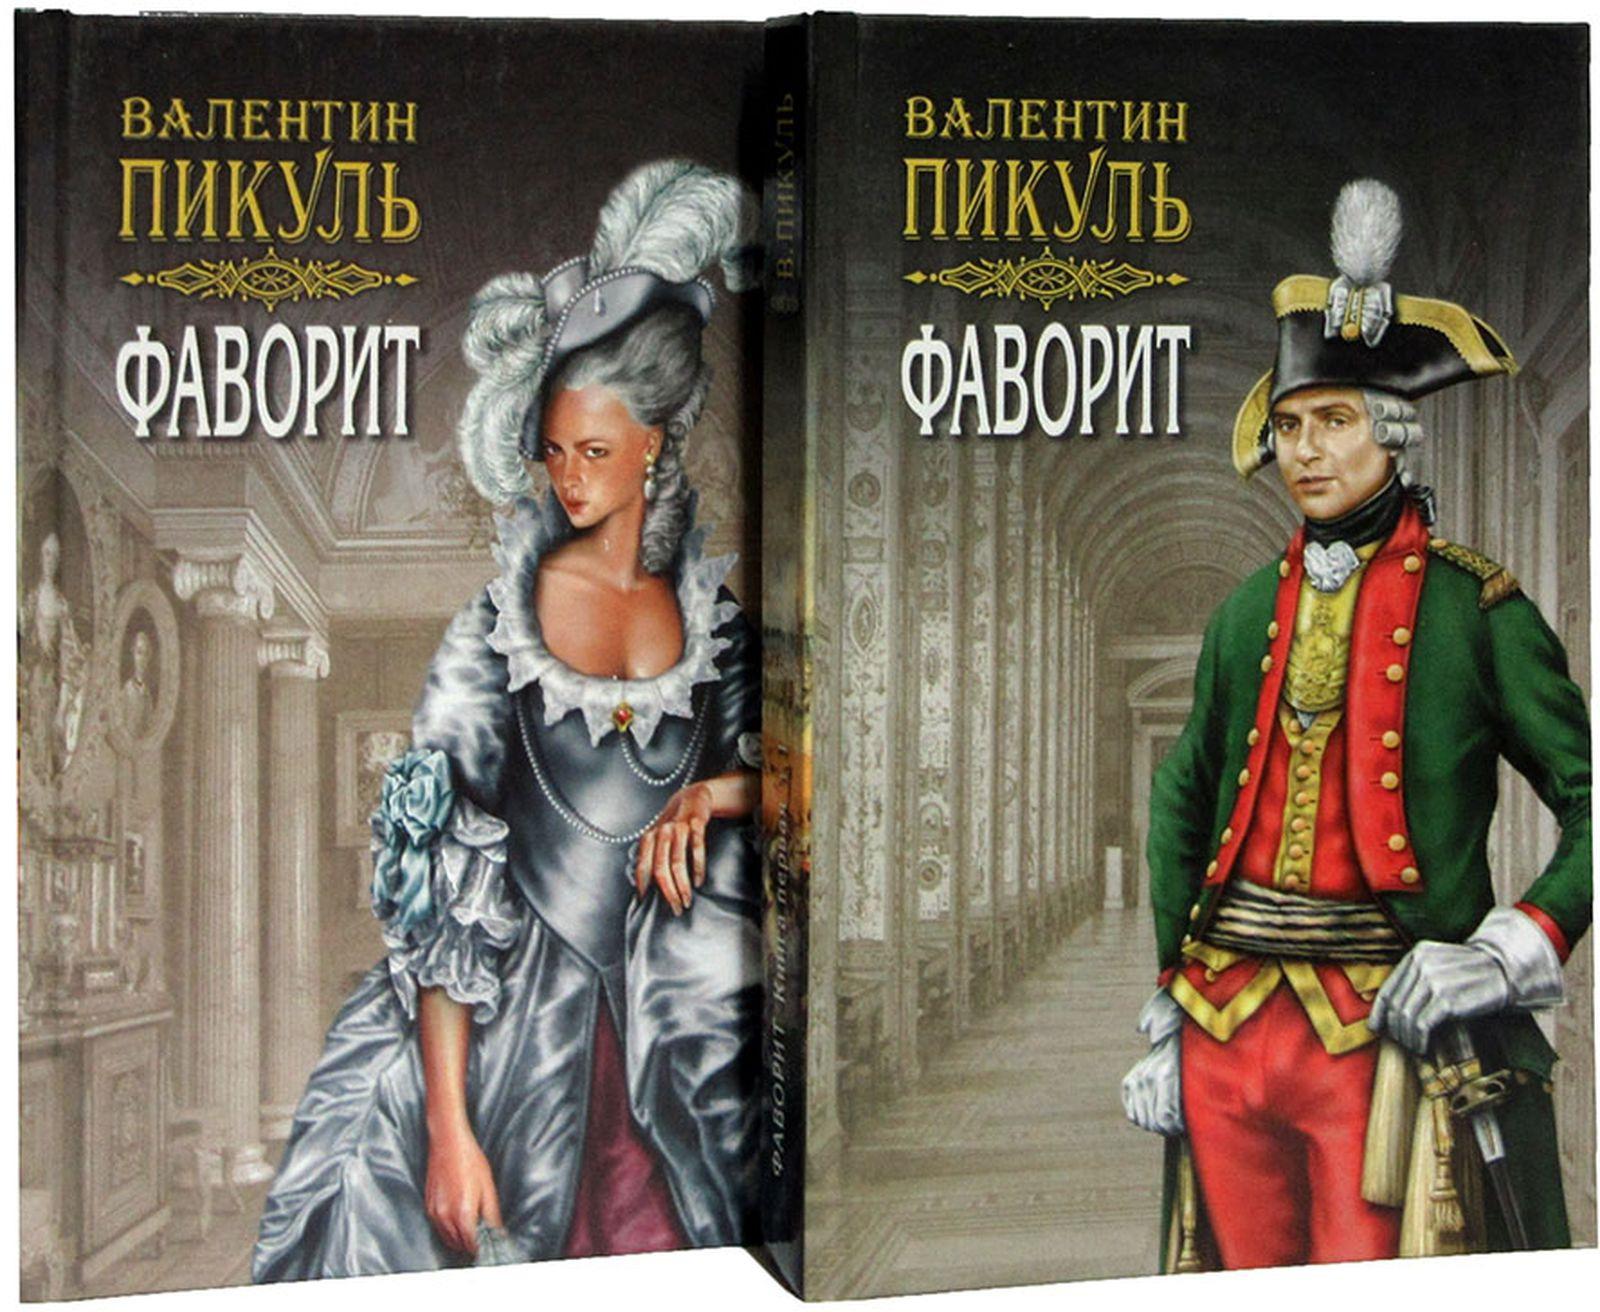 Пикуль В.С. Фаворит. Книга первая. Его императрица. Том 1-2 (комлект из 2 книг)